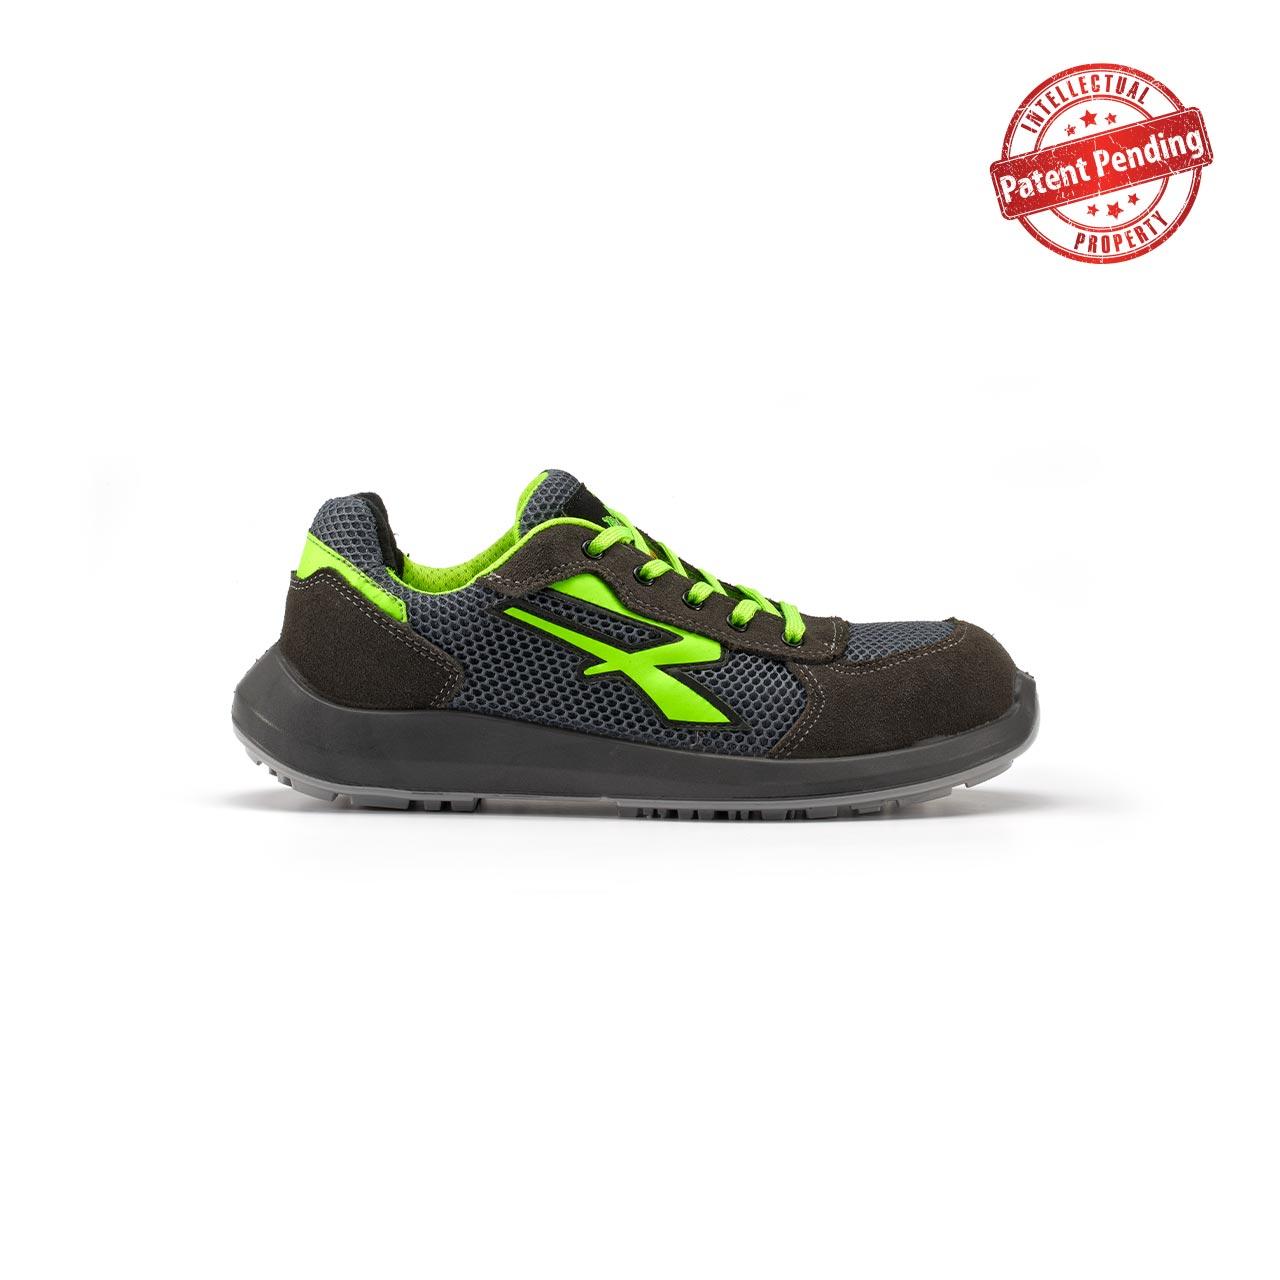 calzatura da lavoro upower modello gemini linea redup vista lato destro